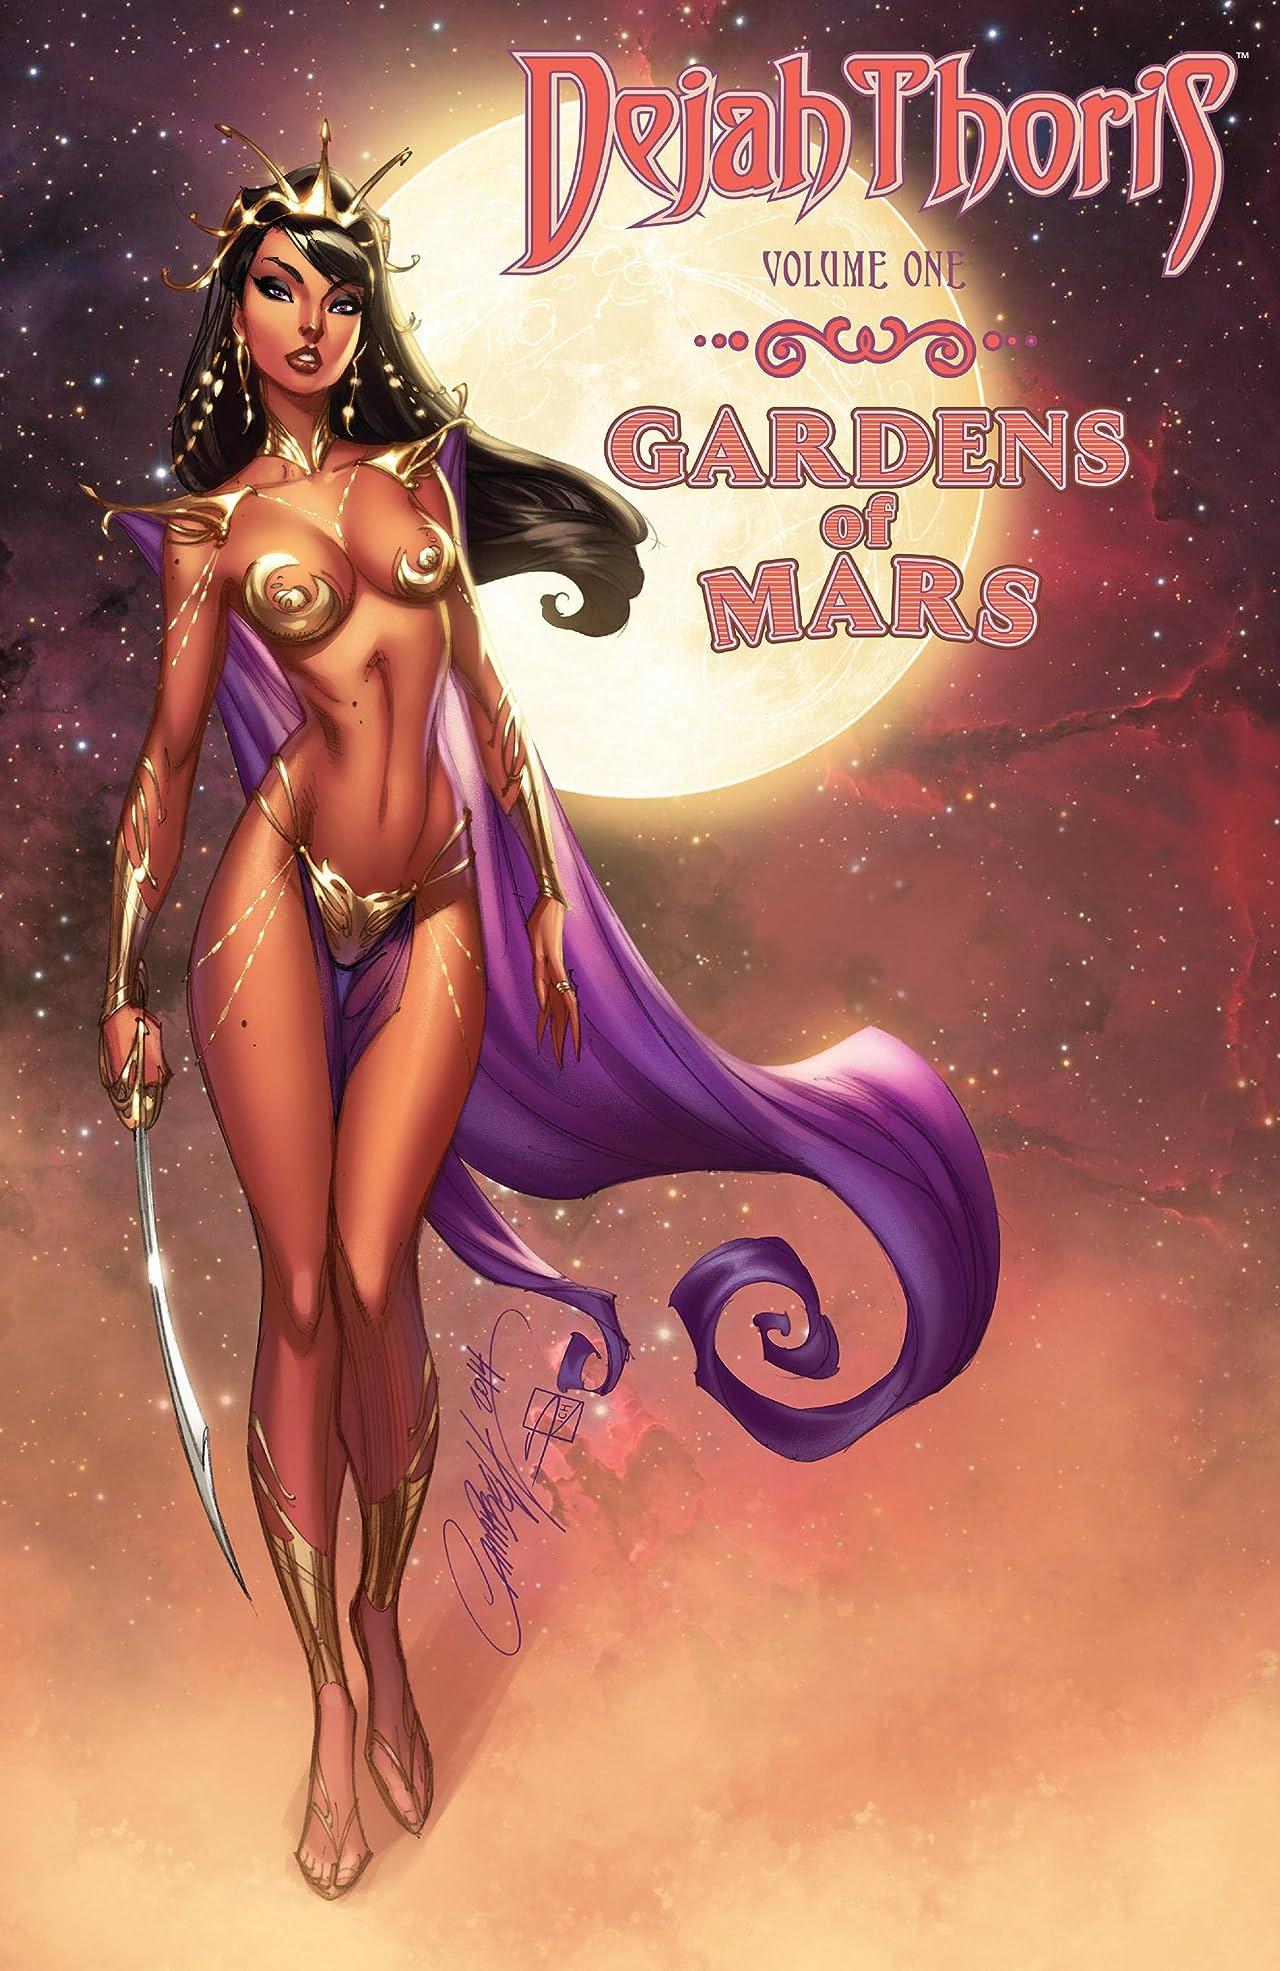 Dejah Thoris Vol. 1: The Garden of Mars